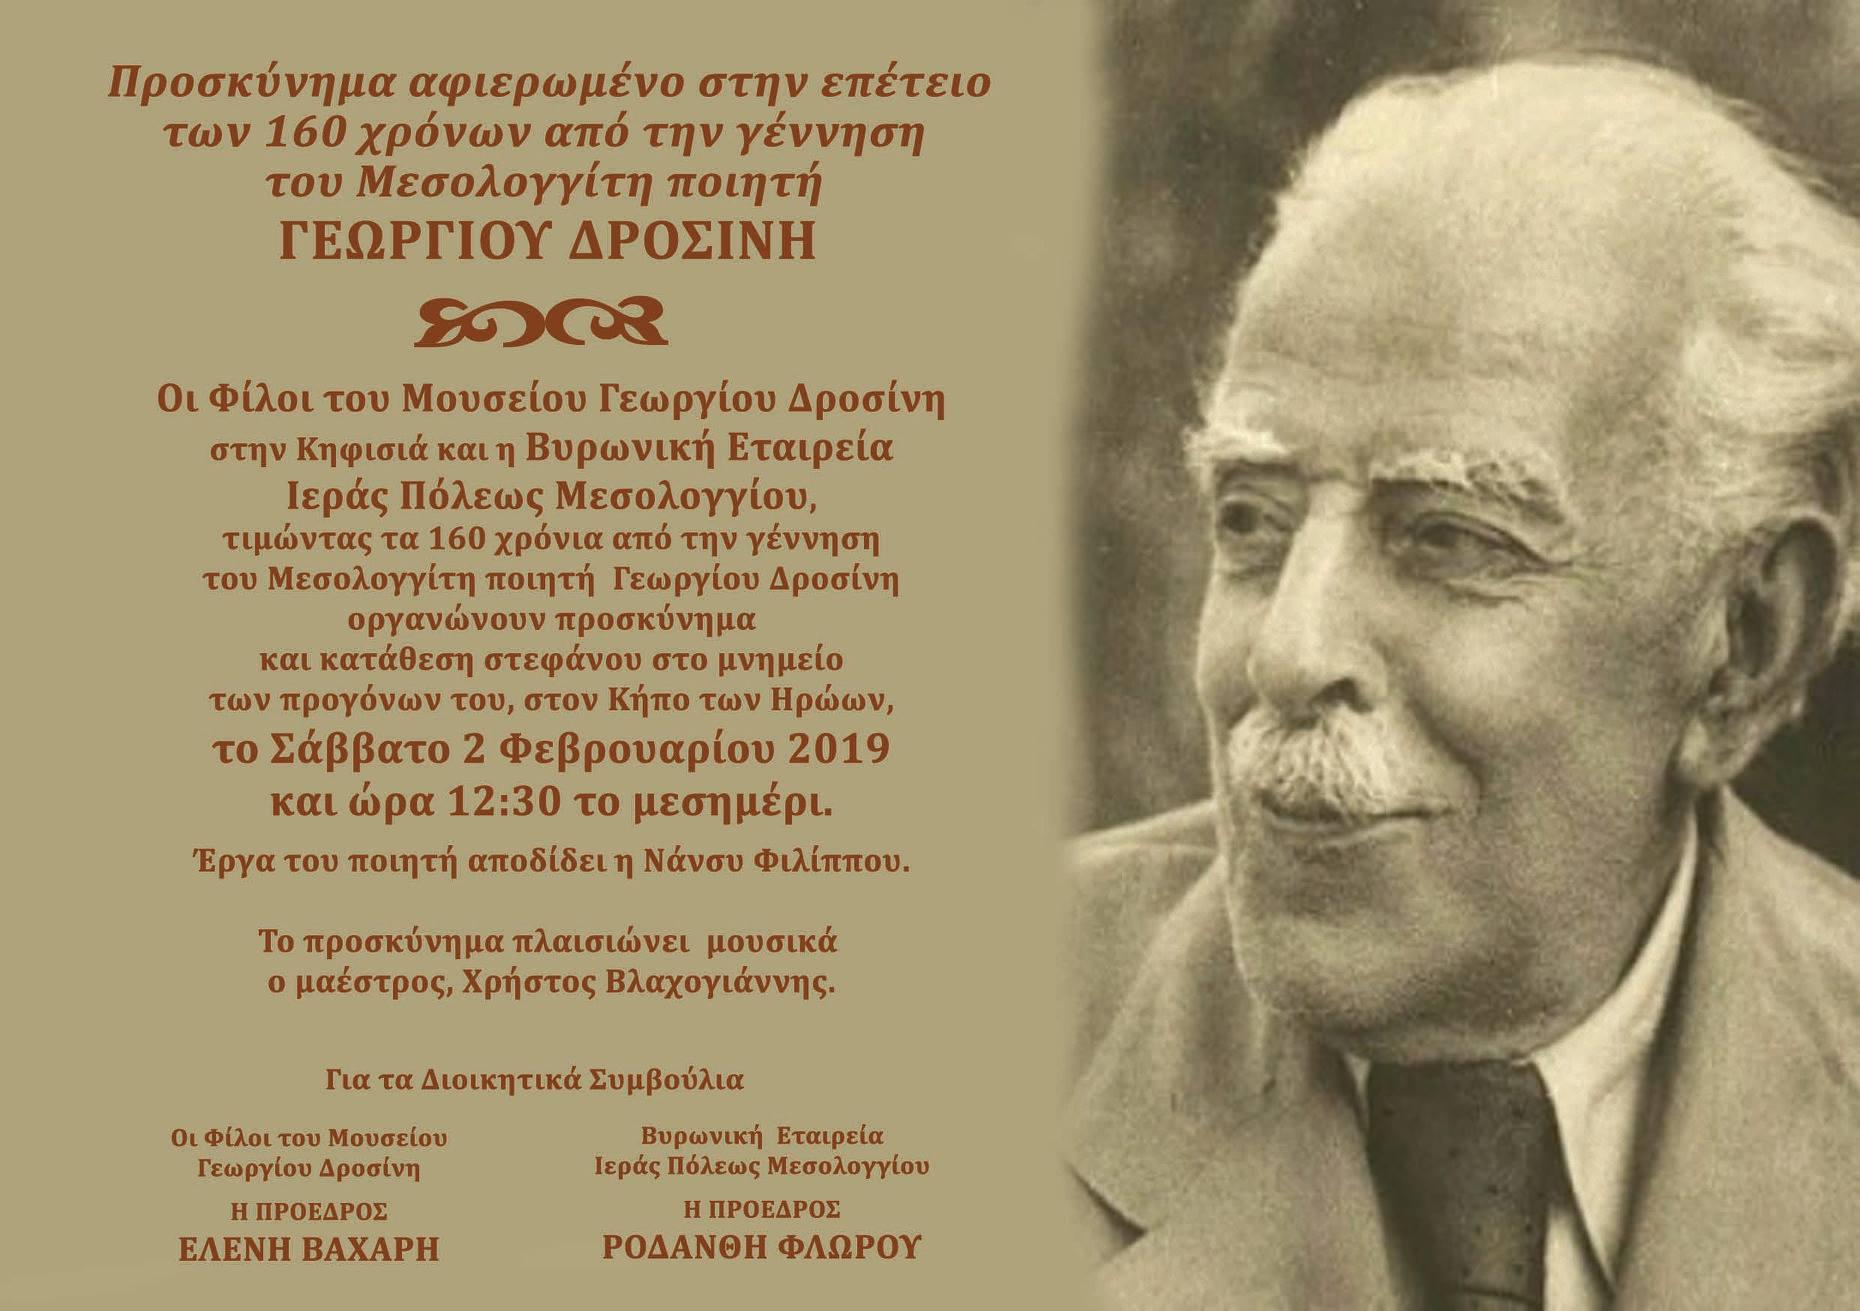 Προσκύνημα αφιερωμένο στην επέτειο των 160 χρόνων απο τη γέννηση του Μεσολογγίτη ποιητή Γεωργίου Δροσίνη